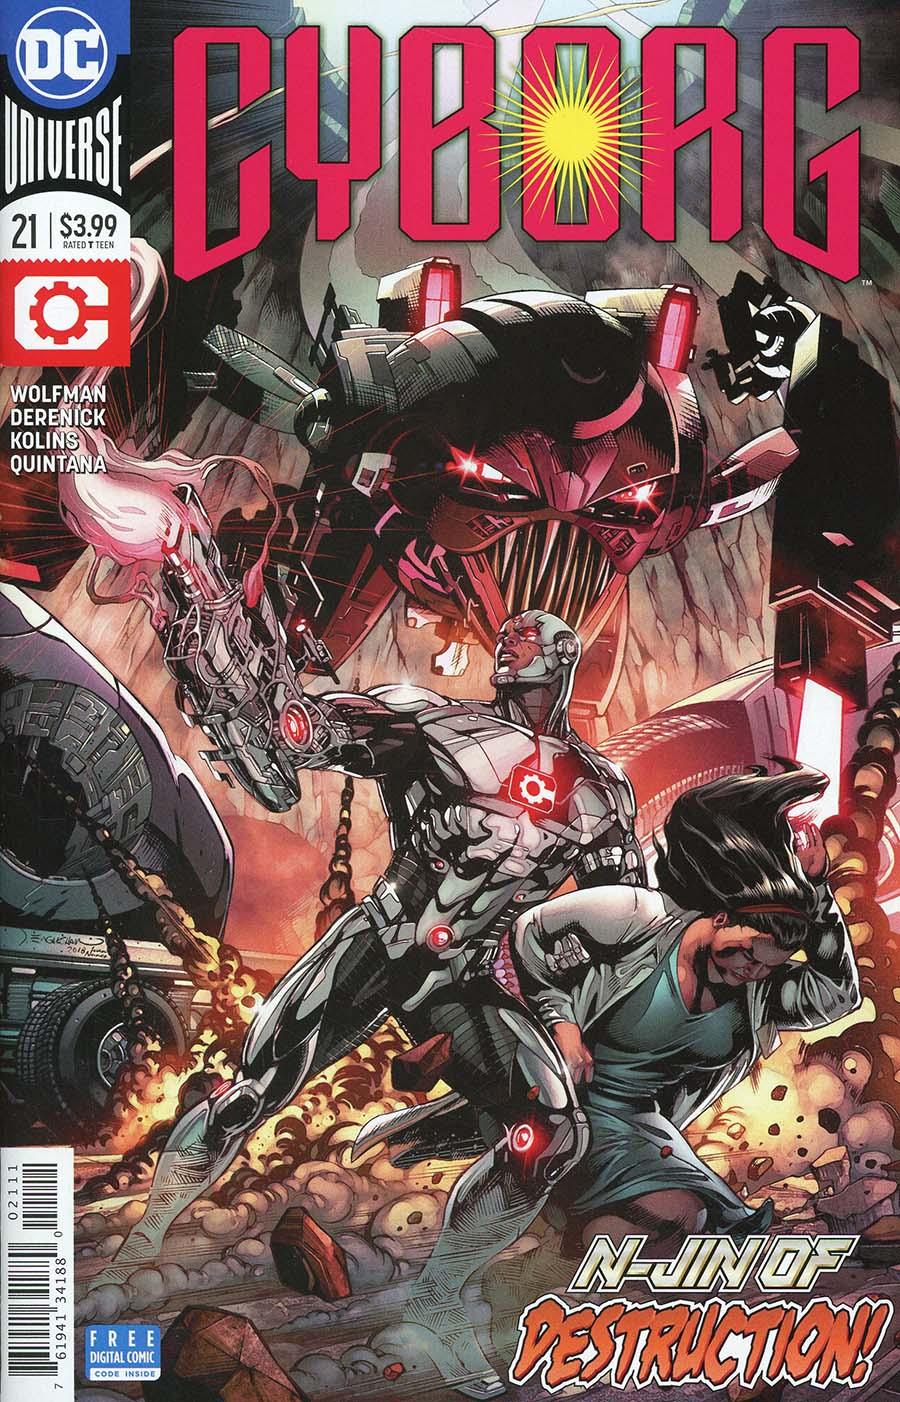 Cyborg Vol 2 #21 Cover A Regular Sam Lotfi Cover